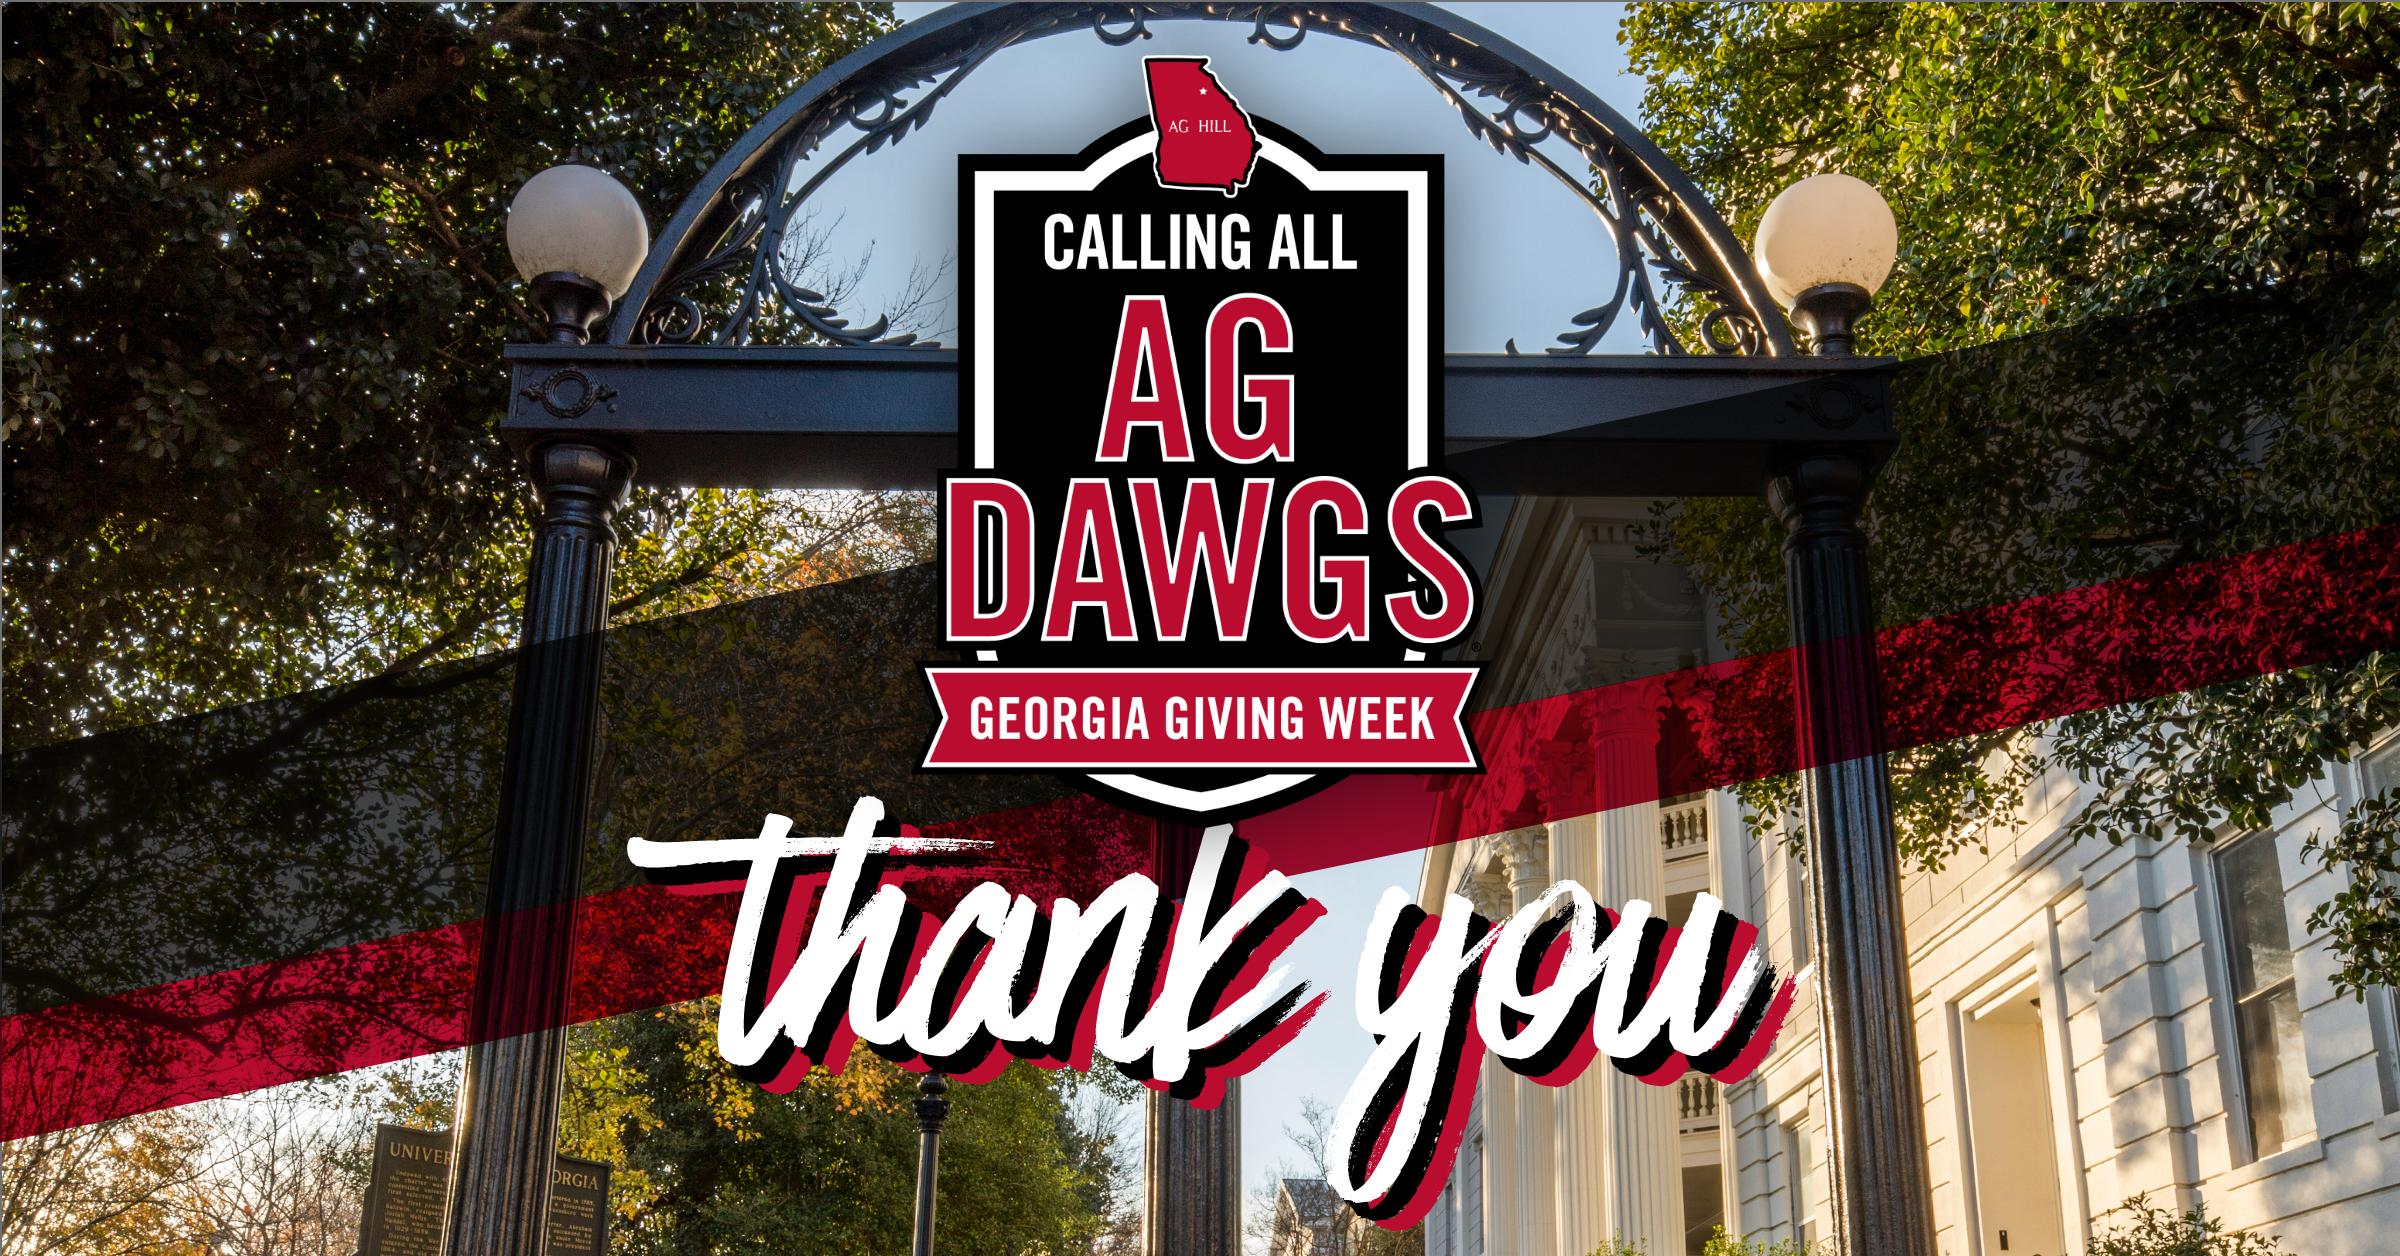 从阿拉斯加到怀俄明州,数百名心怀感激的校友、朋友、学生和父母在2021年4月17日至23日的乔治亚捐赠周期间捐赠了支持CAES的礼物。